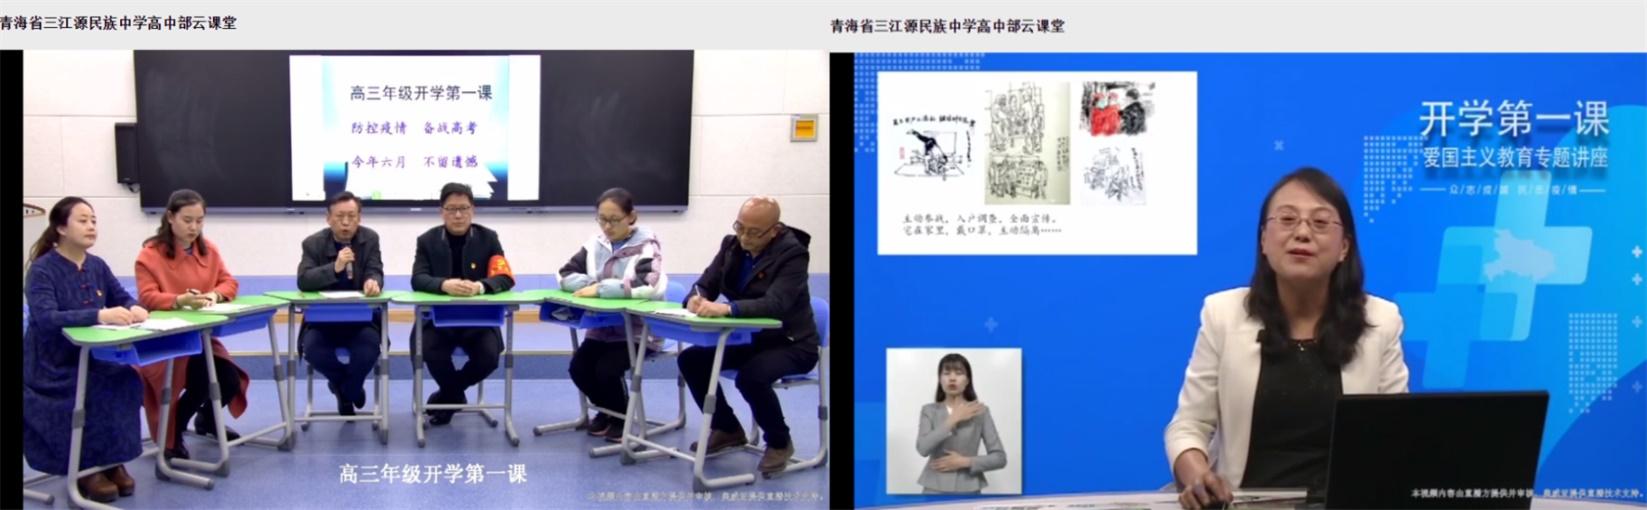 青海省三江源民族中学444.jpg